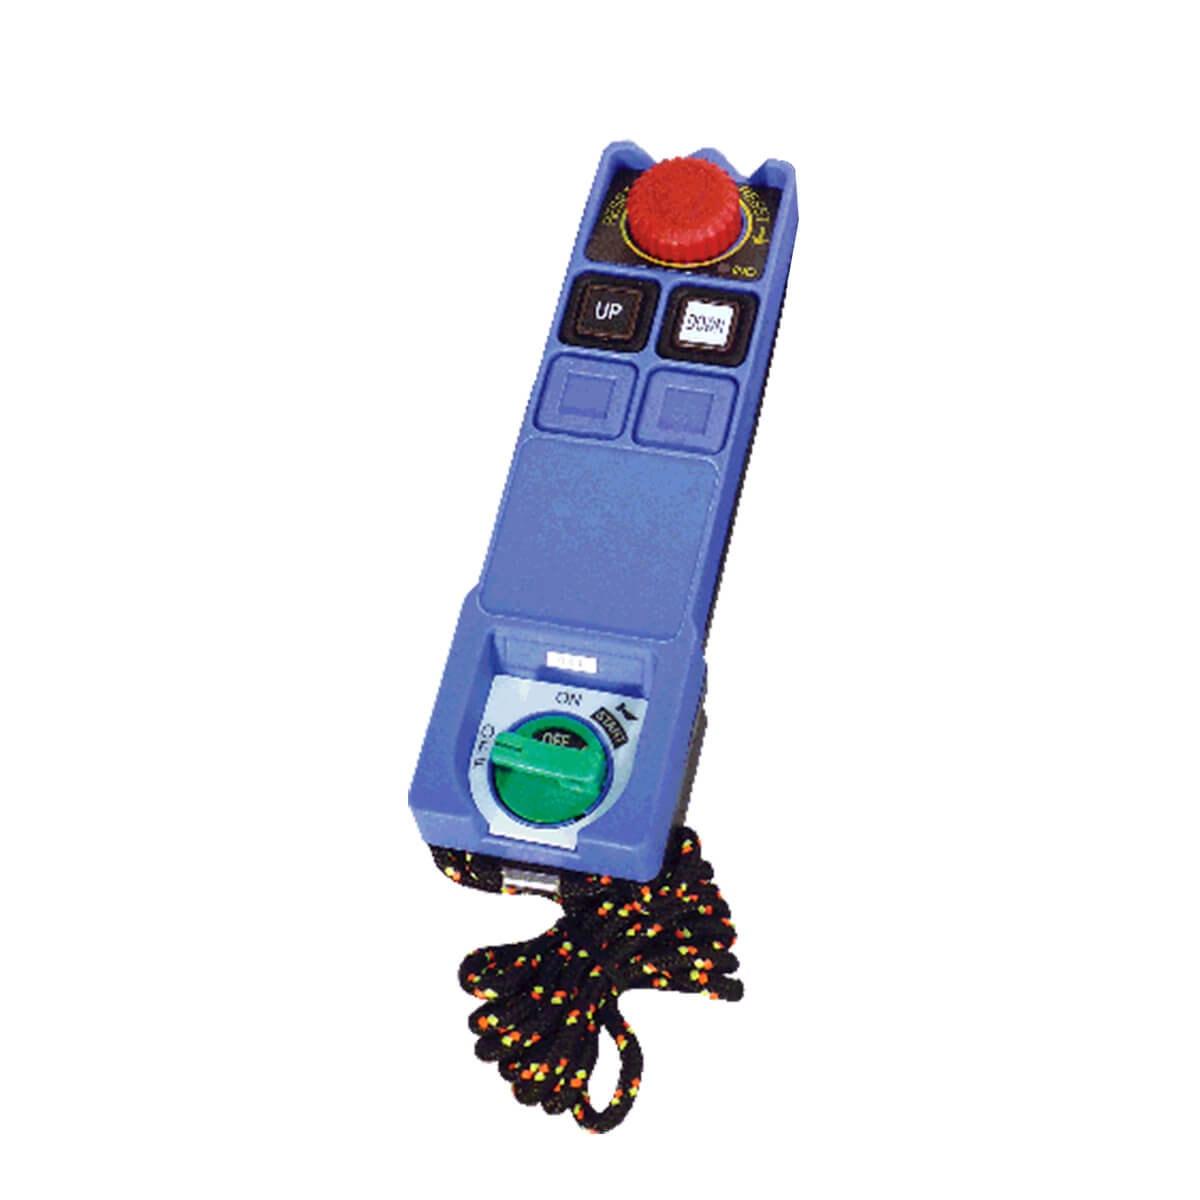 INMOTION 220-1-TX Replacement Transmitter